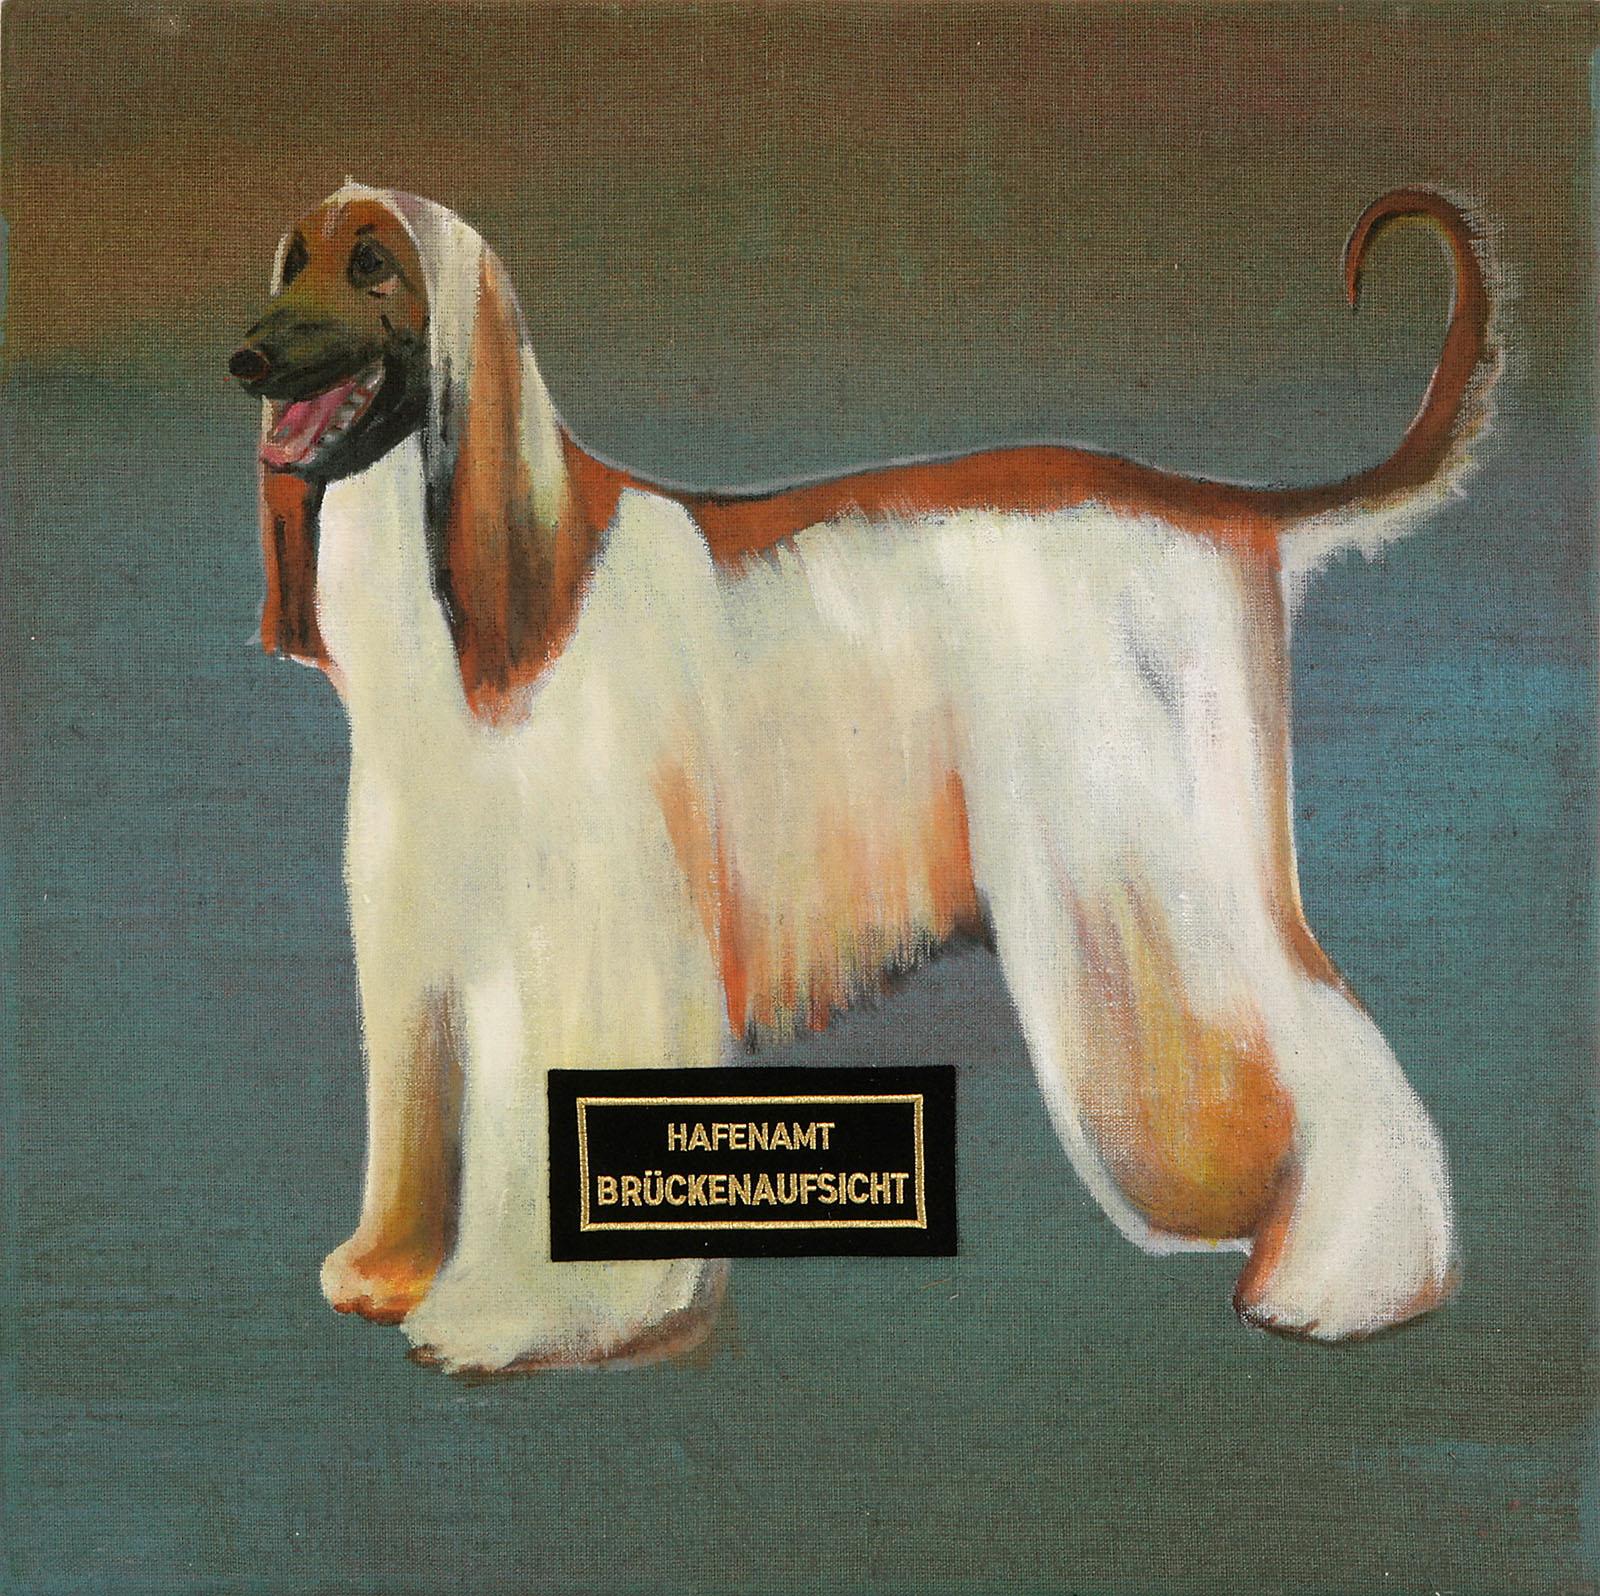 """o.T. aus """"Krähen Kommen"""", 2008, 60 x 60 cm, Mischtechnik & Applikationen auf Leinwand"""